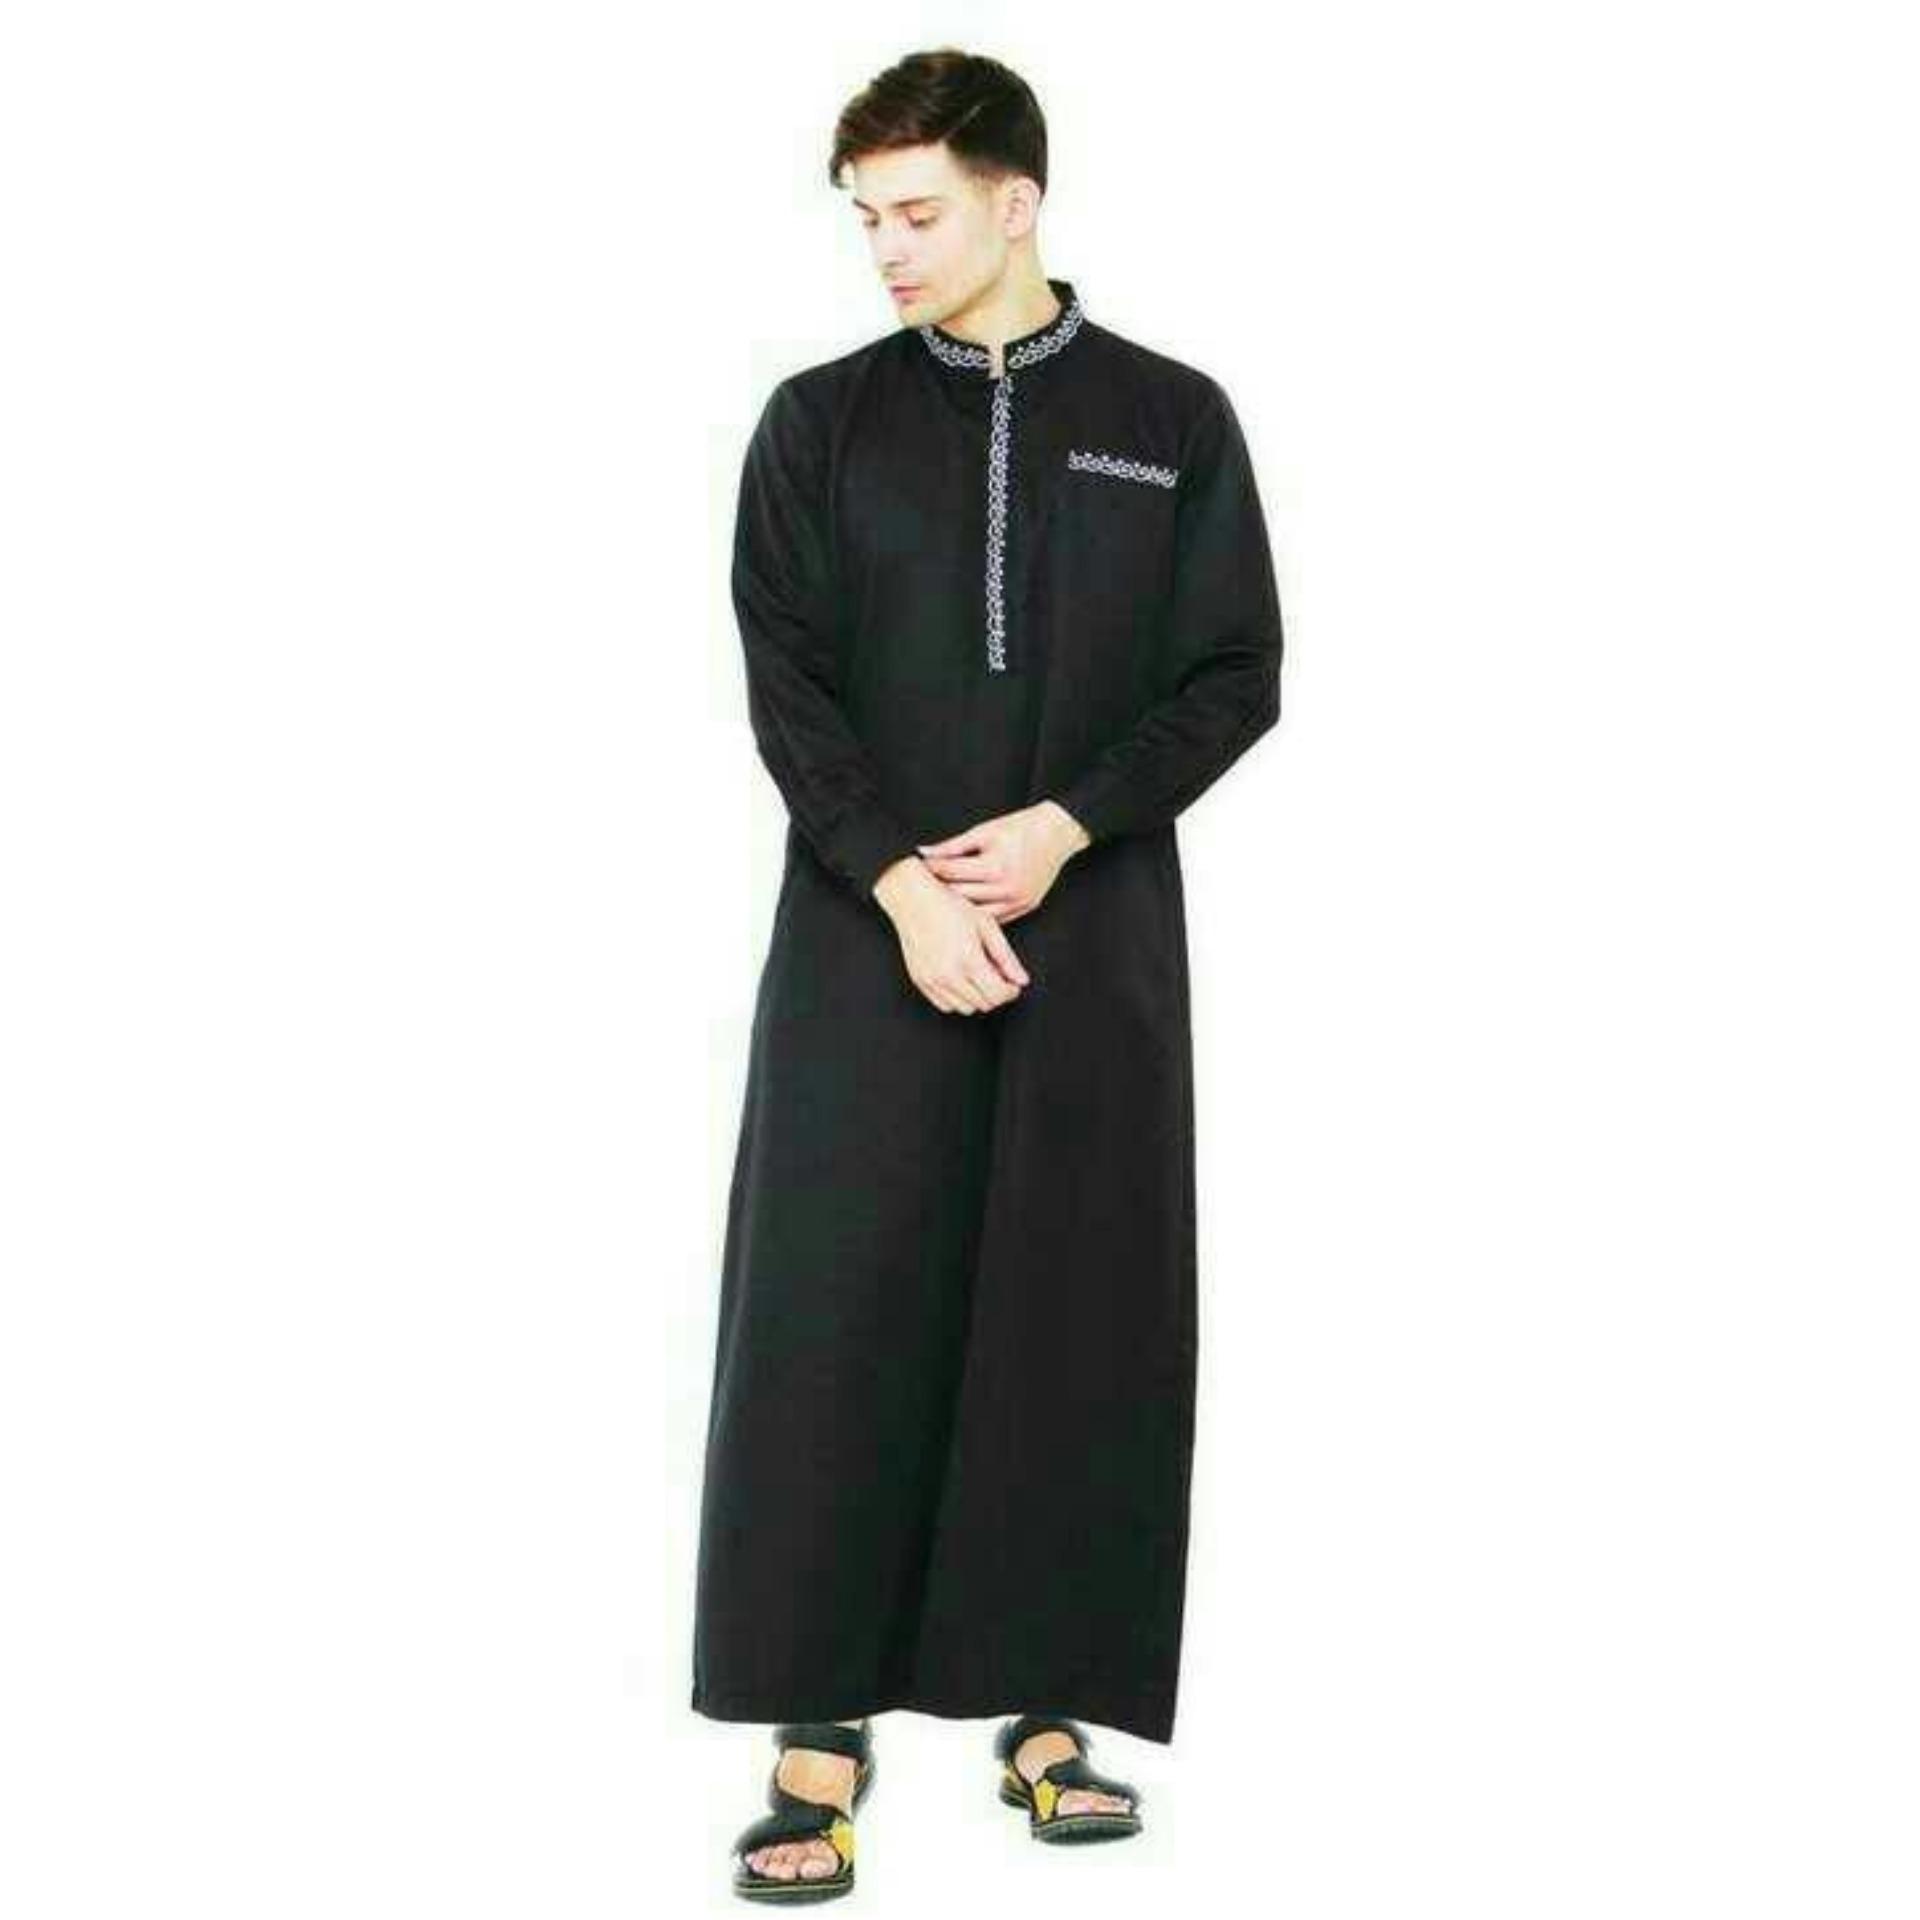 Cek Harga Baru Baju Gamis Pria Hitam Panjang Best Sealer Baju Muslim